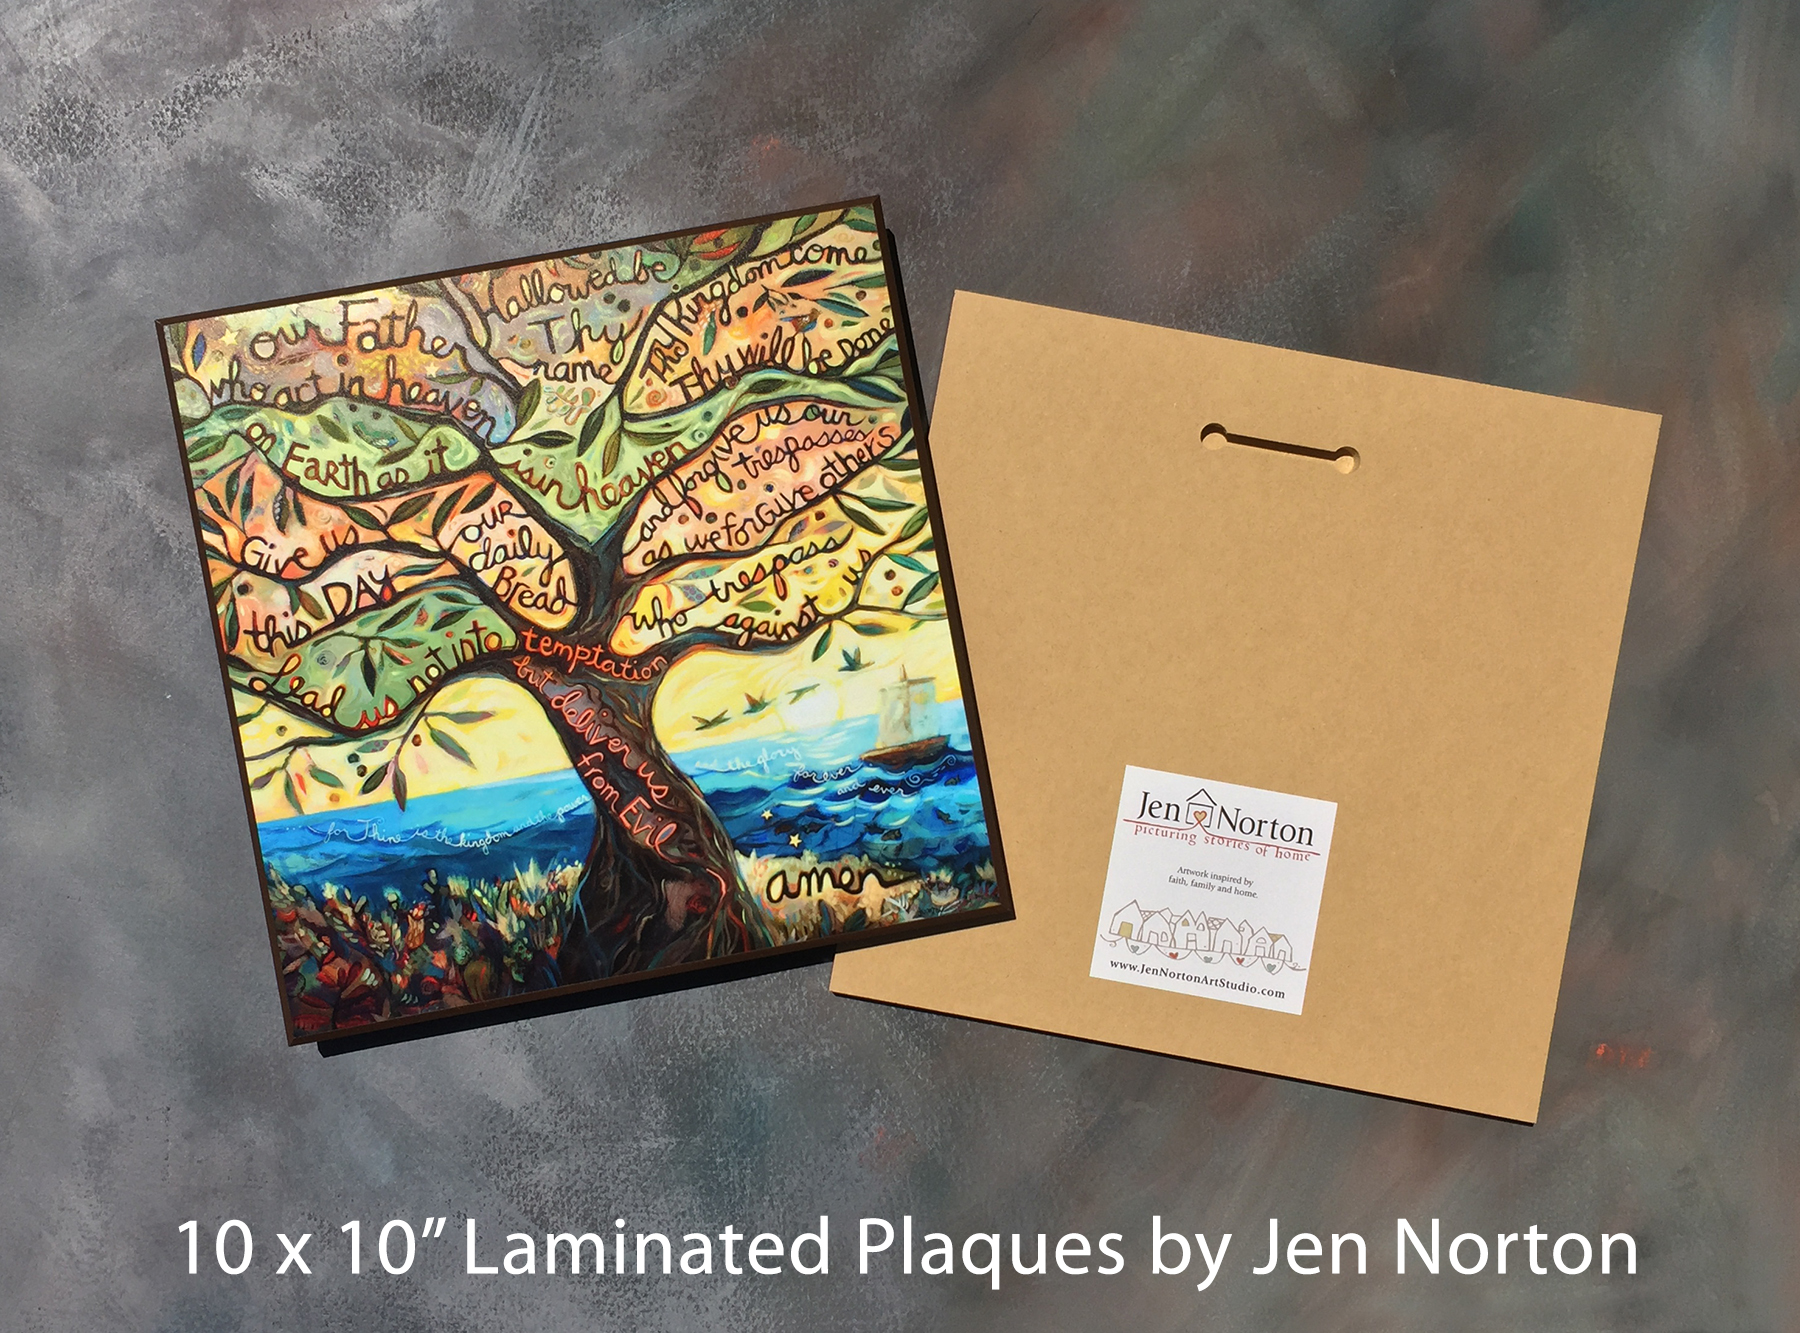 Laminated Plaques: 10 x 10